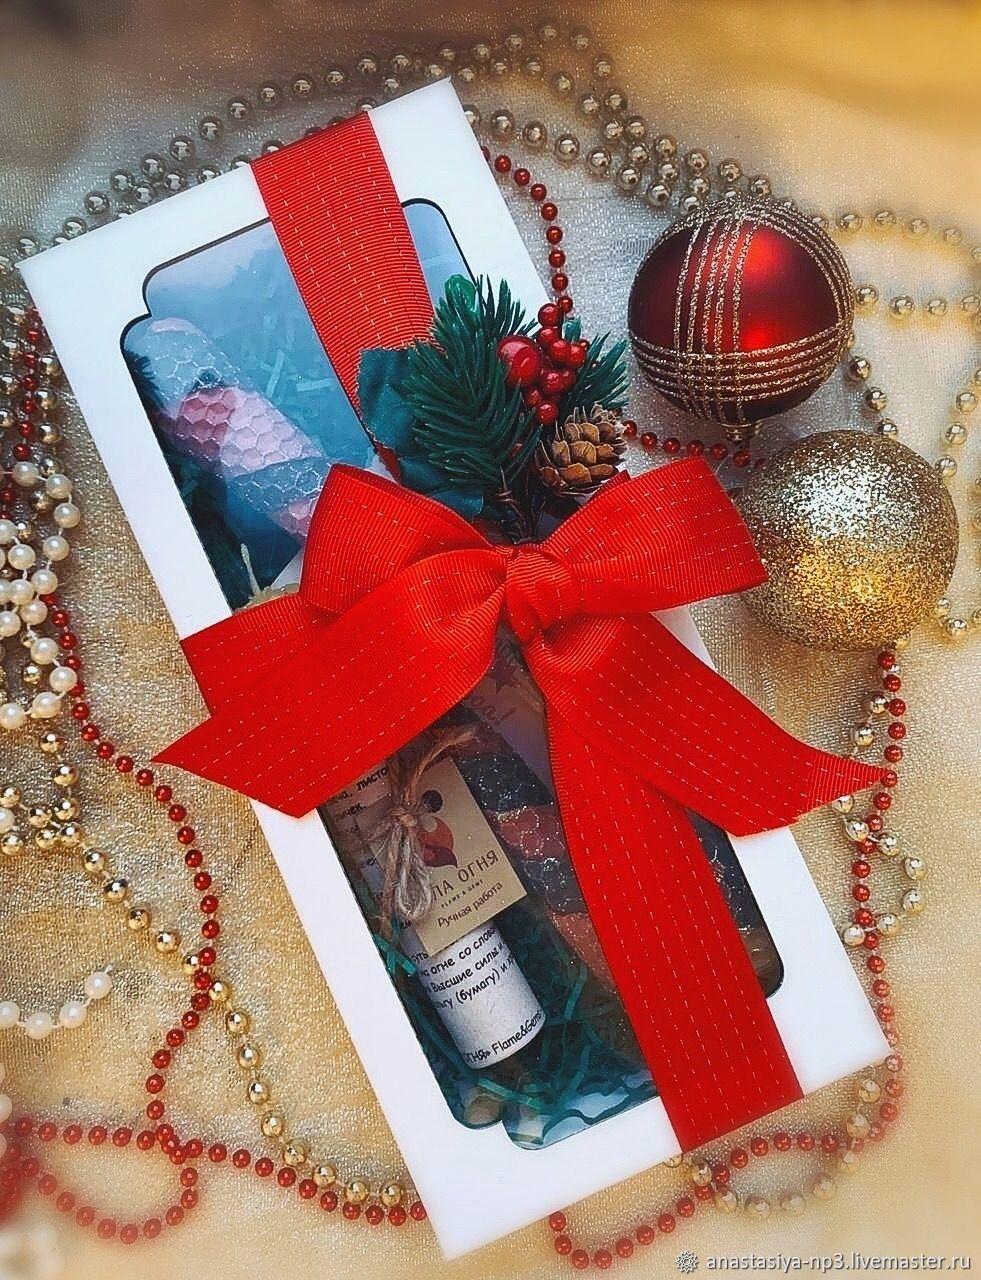 Новогодний подарочный набор свечей из вощины, Подарочные боксы, Москва,  Фото №1